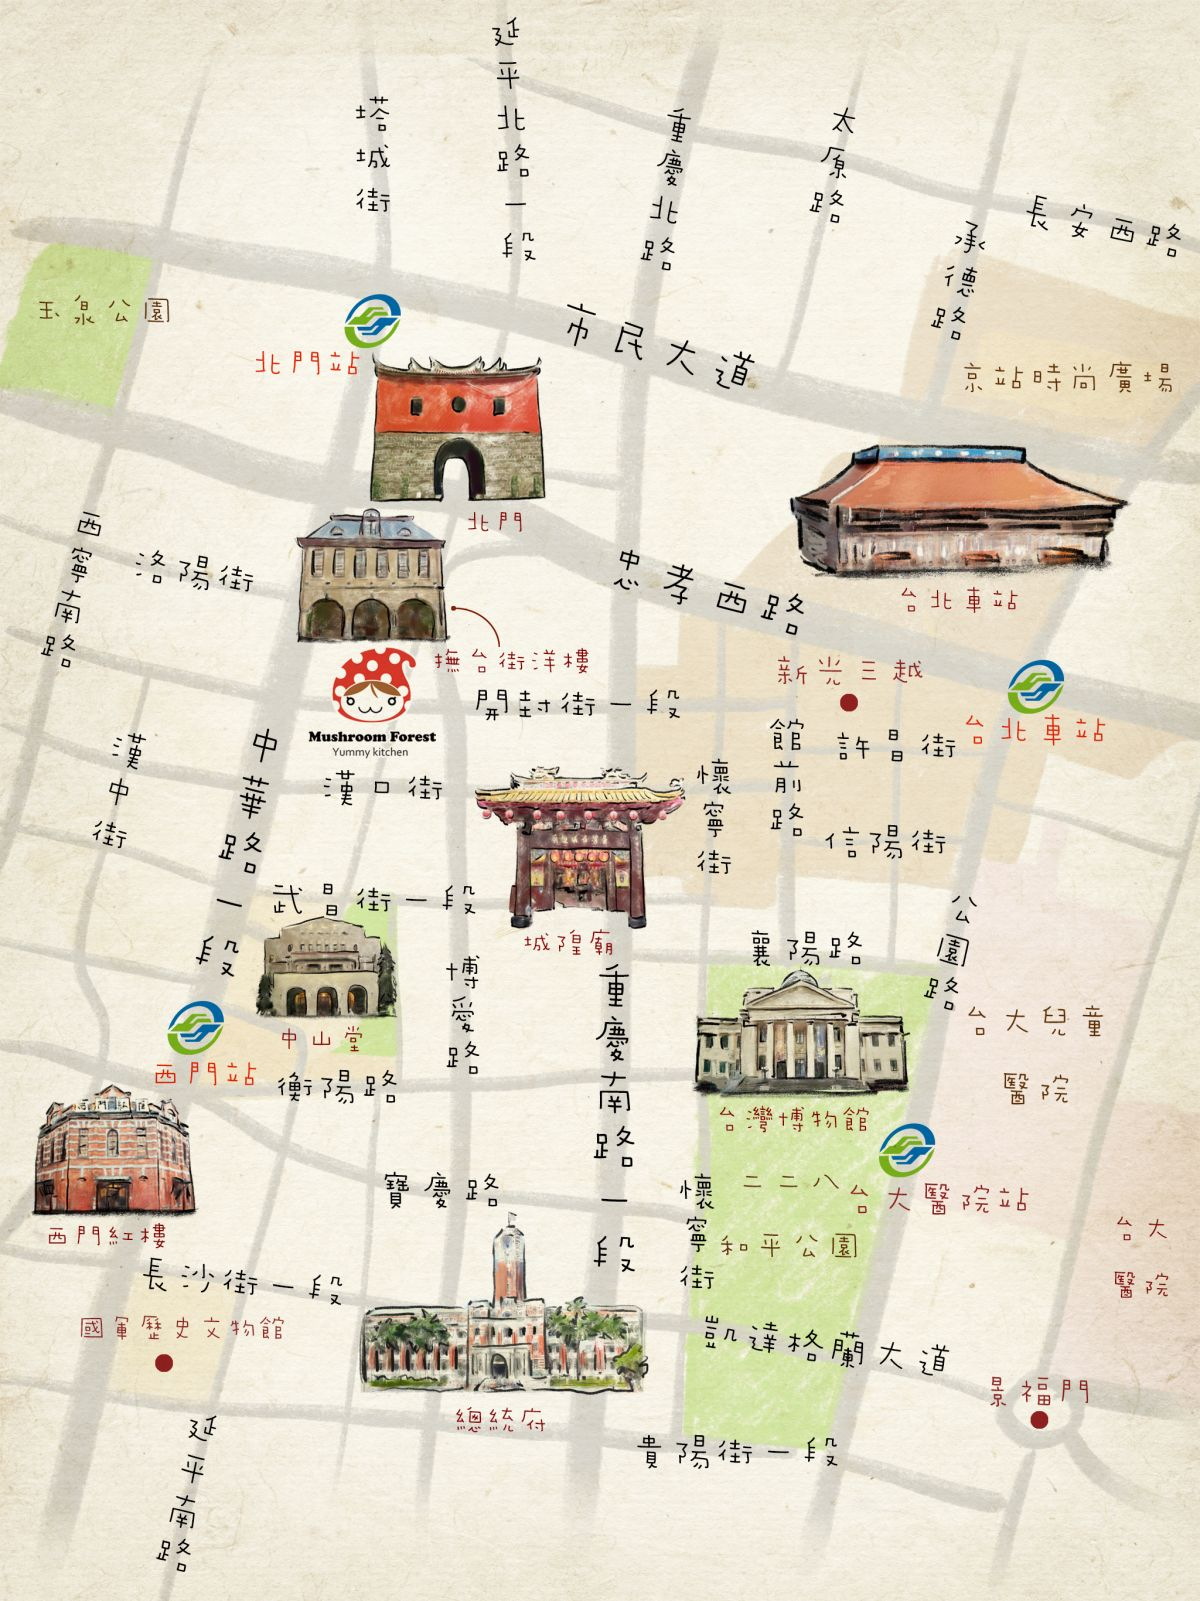 開封街地圖